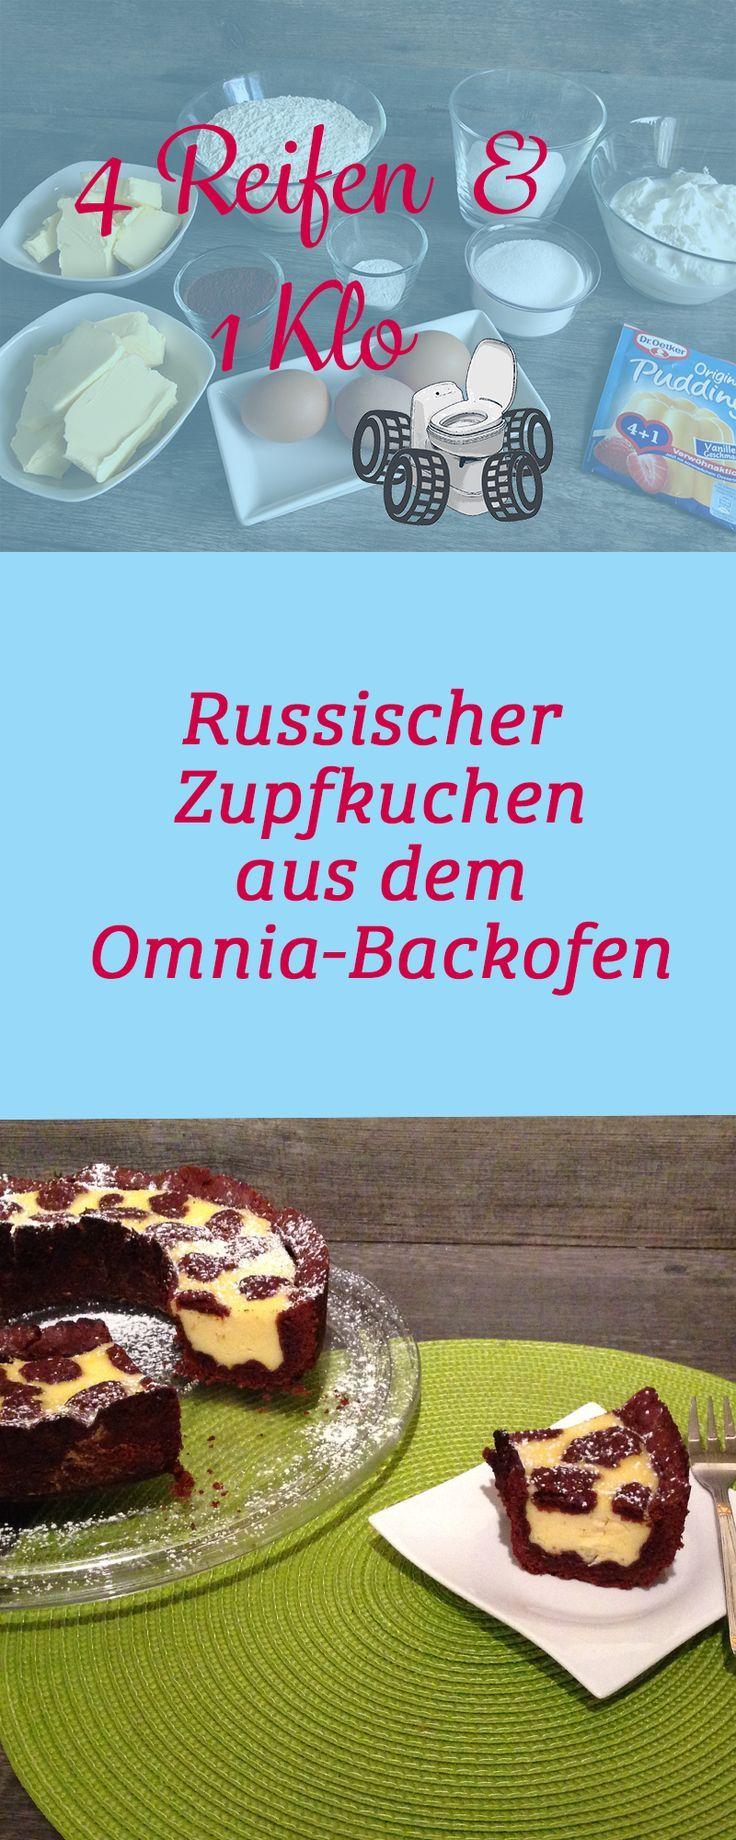 Russischer Zupfkuchen Aus Dem Omnia Backofen Camping Desserts Zupfkuchen Omnia Backofen